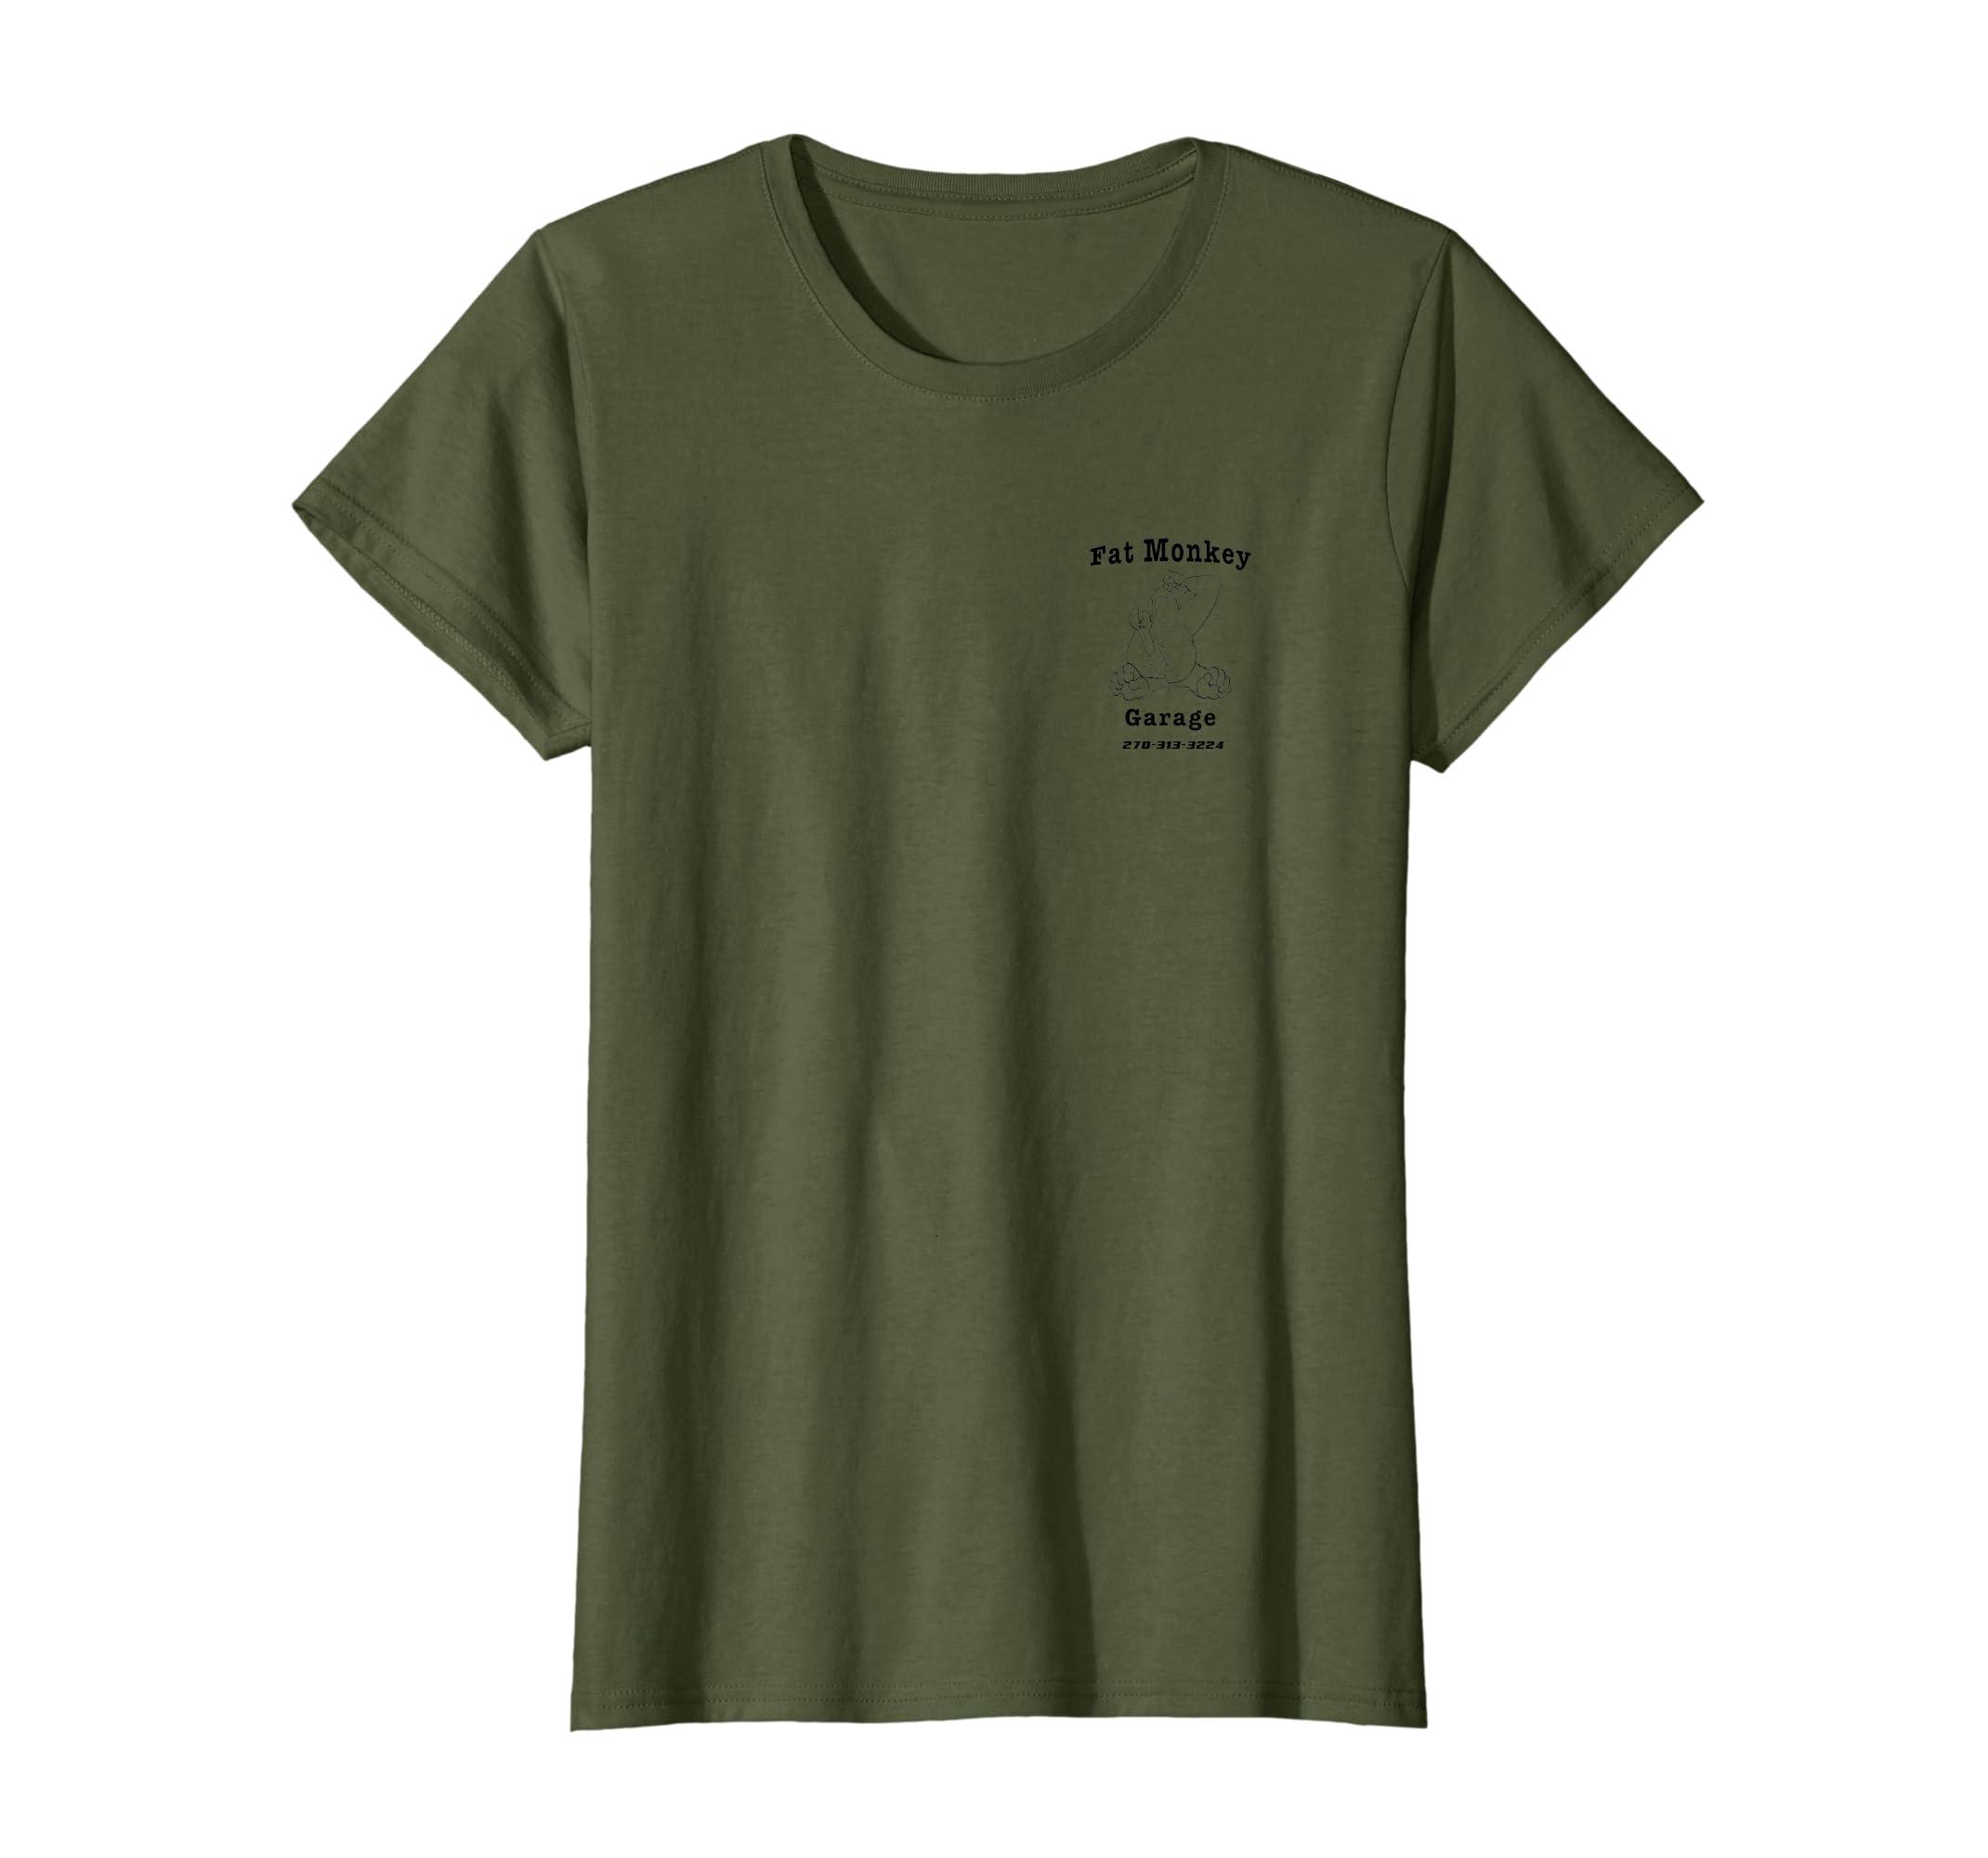 28c6cd4dd8f63 Amazon.com: Fat Monkey Garage Gorilla Mechanic T-shirt: Clothing